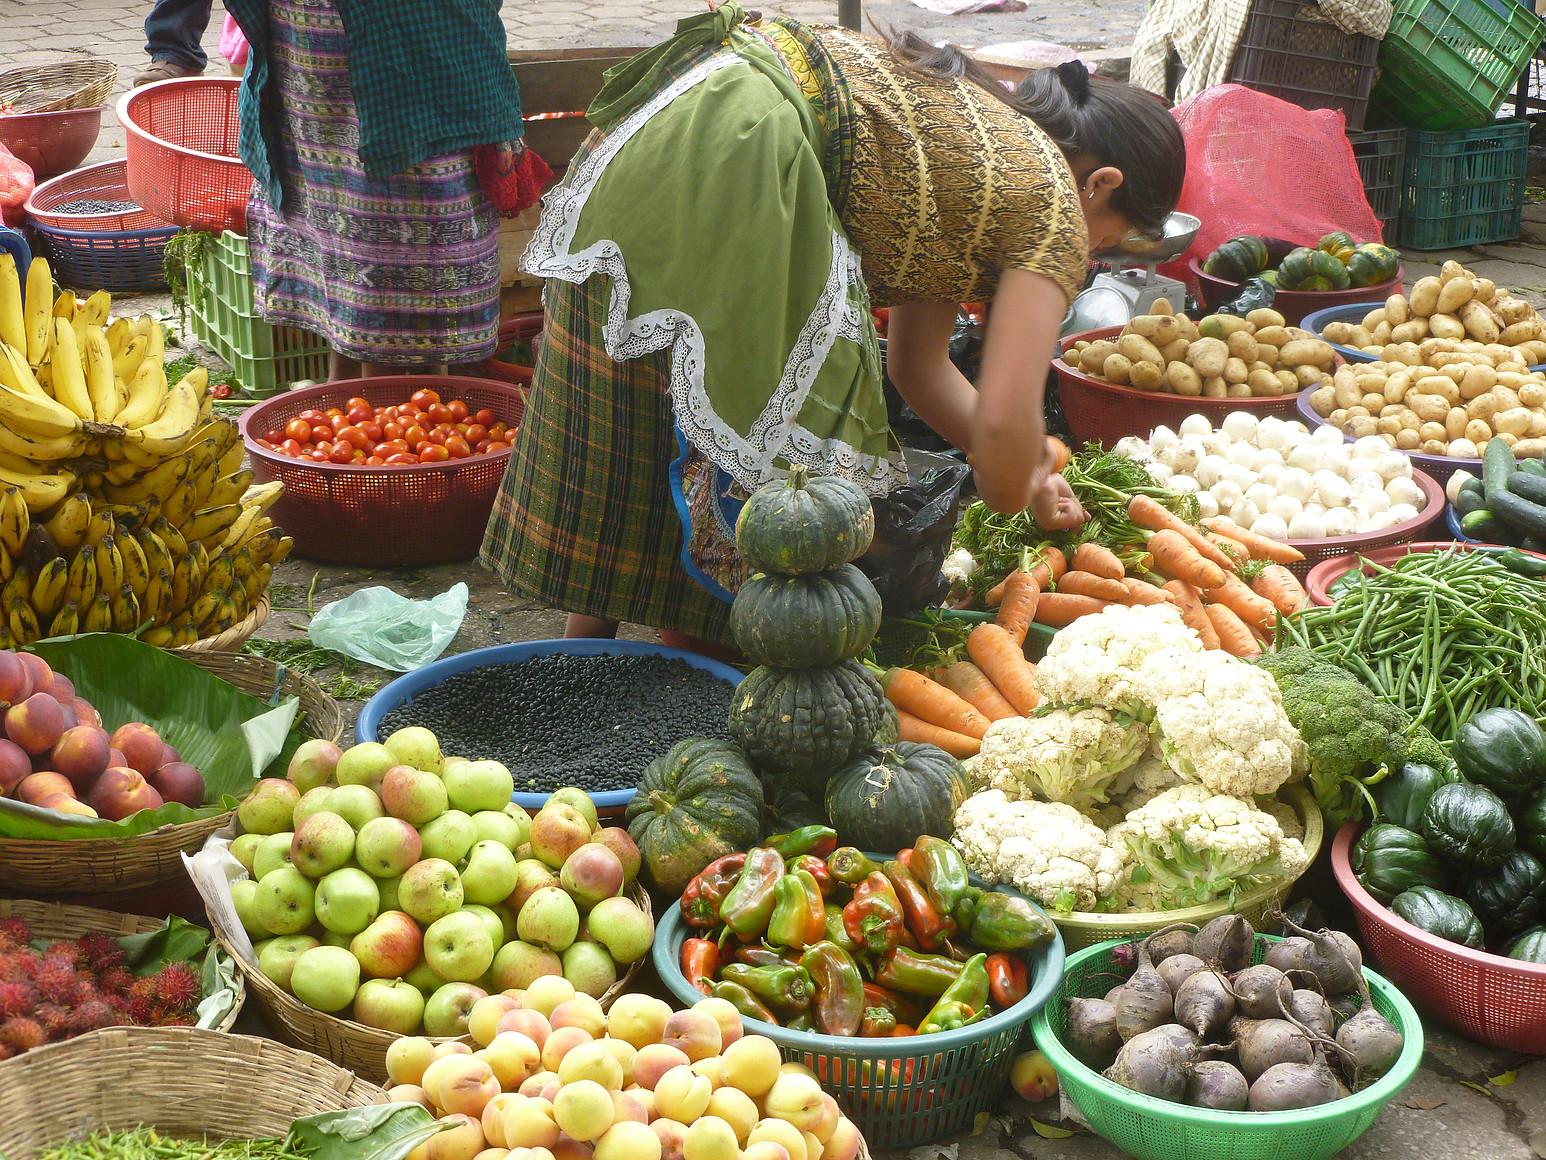 Beautiful Produce Guatemala.jpg